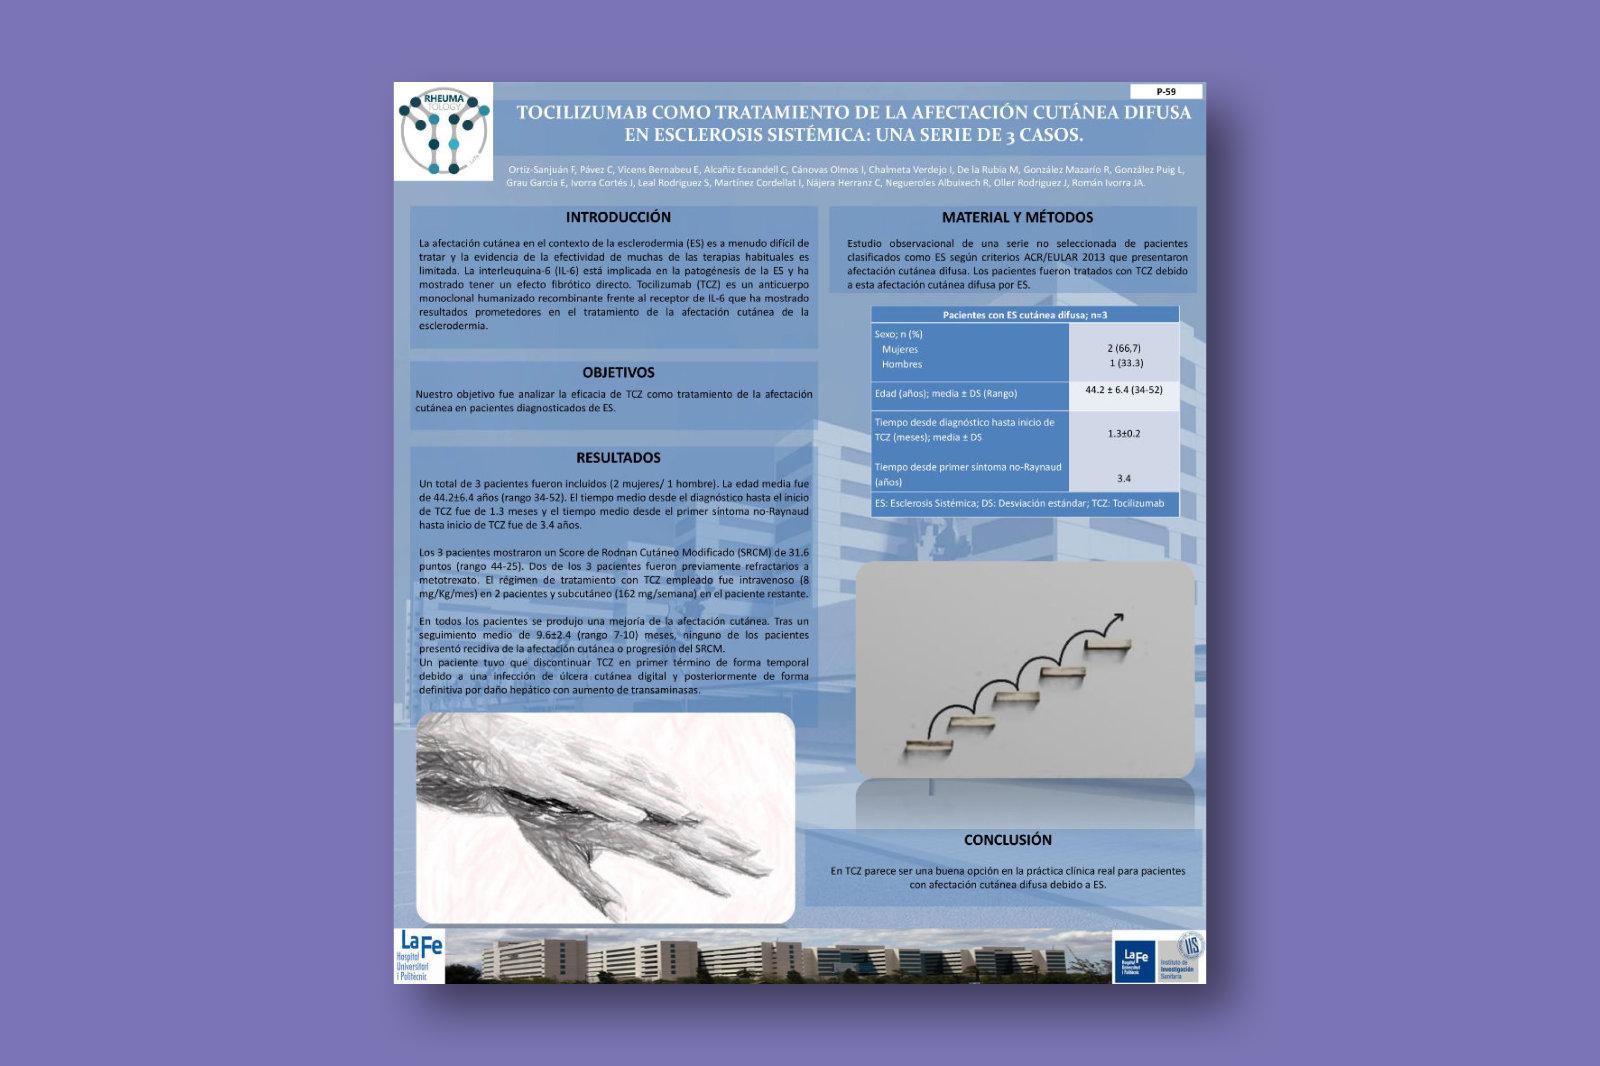 Tocilizumab como tratamiento de la afectación cutánea difusa en esclerosis sistémica: una serie de 3 casos